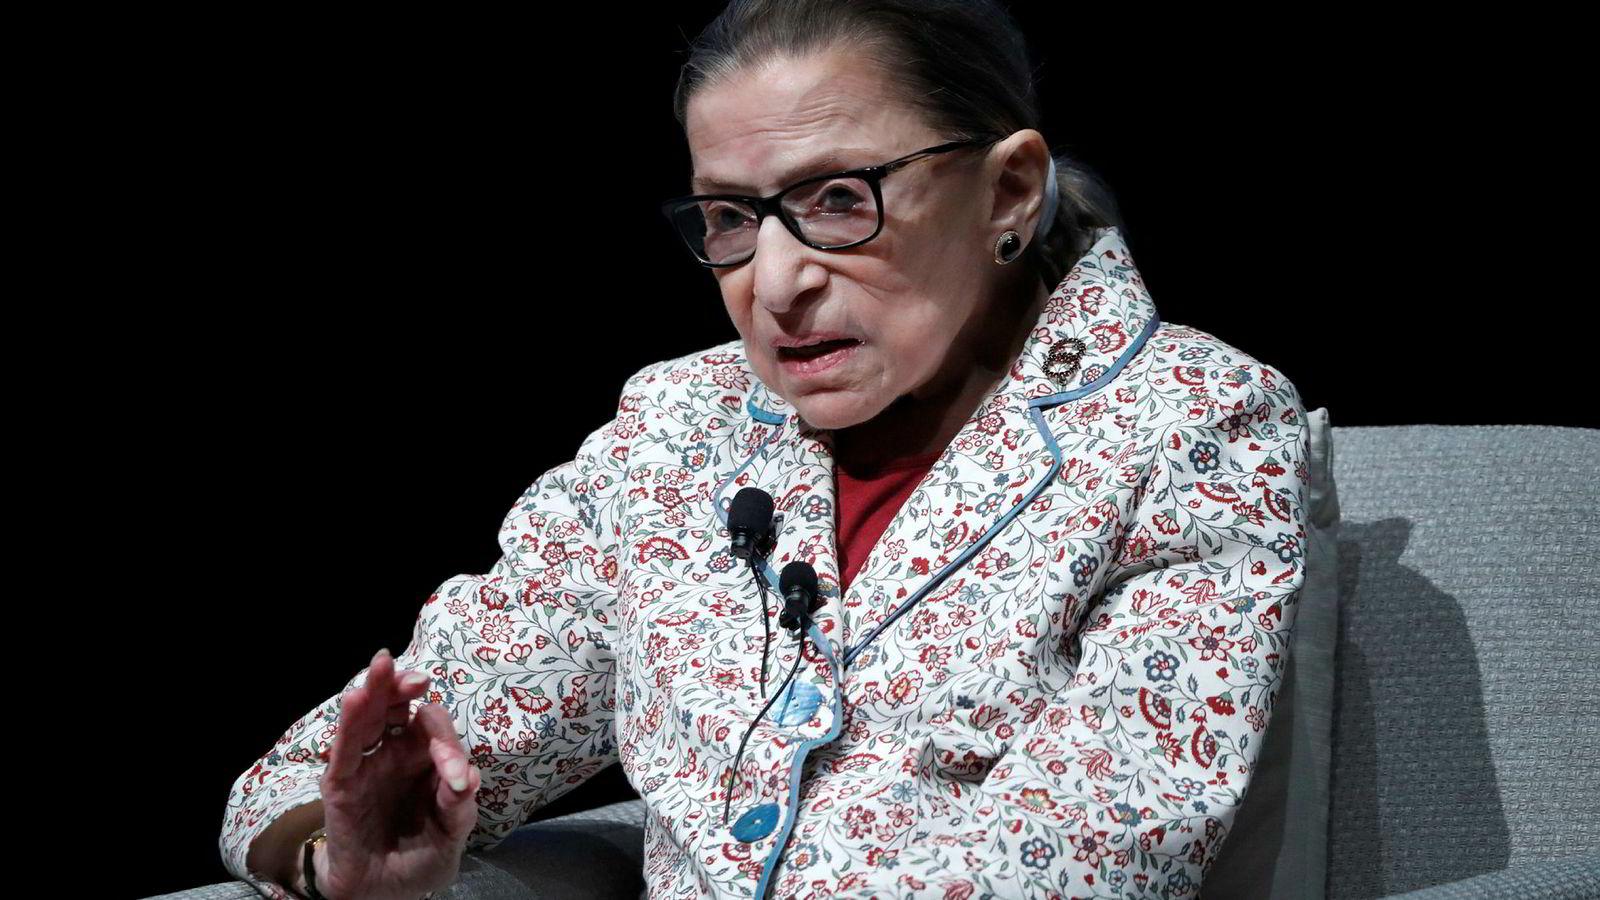 USAs høyesterett har godkjent loven fra president Donald Trump som vil forhindre de fleste migranter fra Mellom-Amerika å søke asyl i USA. Høyesterettsdommer Ruth Bader Ginsburg tilhørte mindretallet som tok dissens.